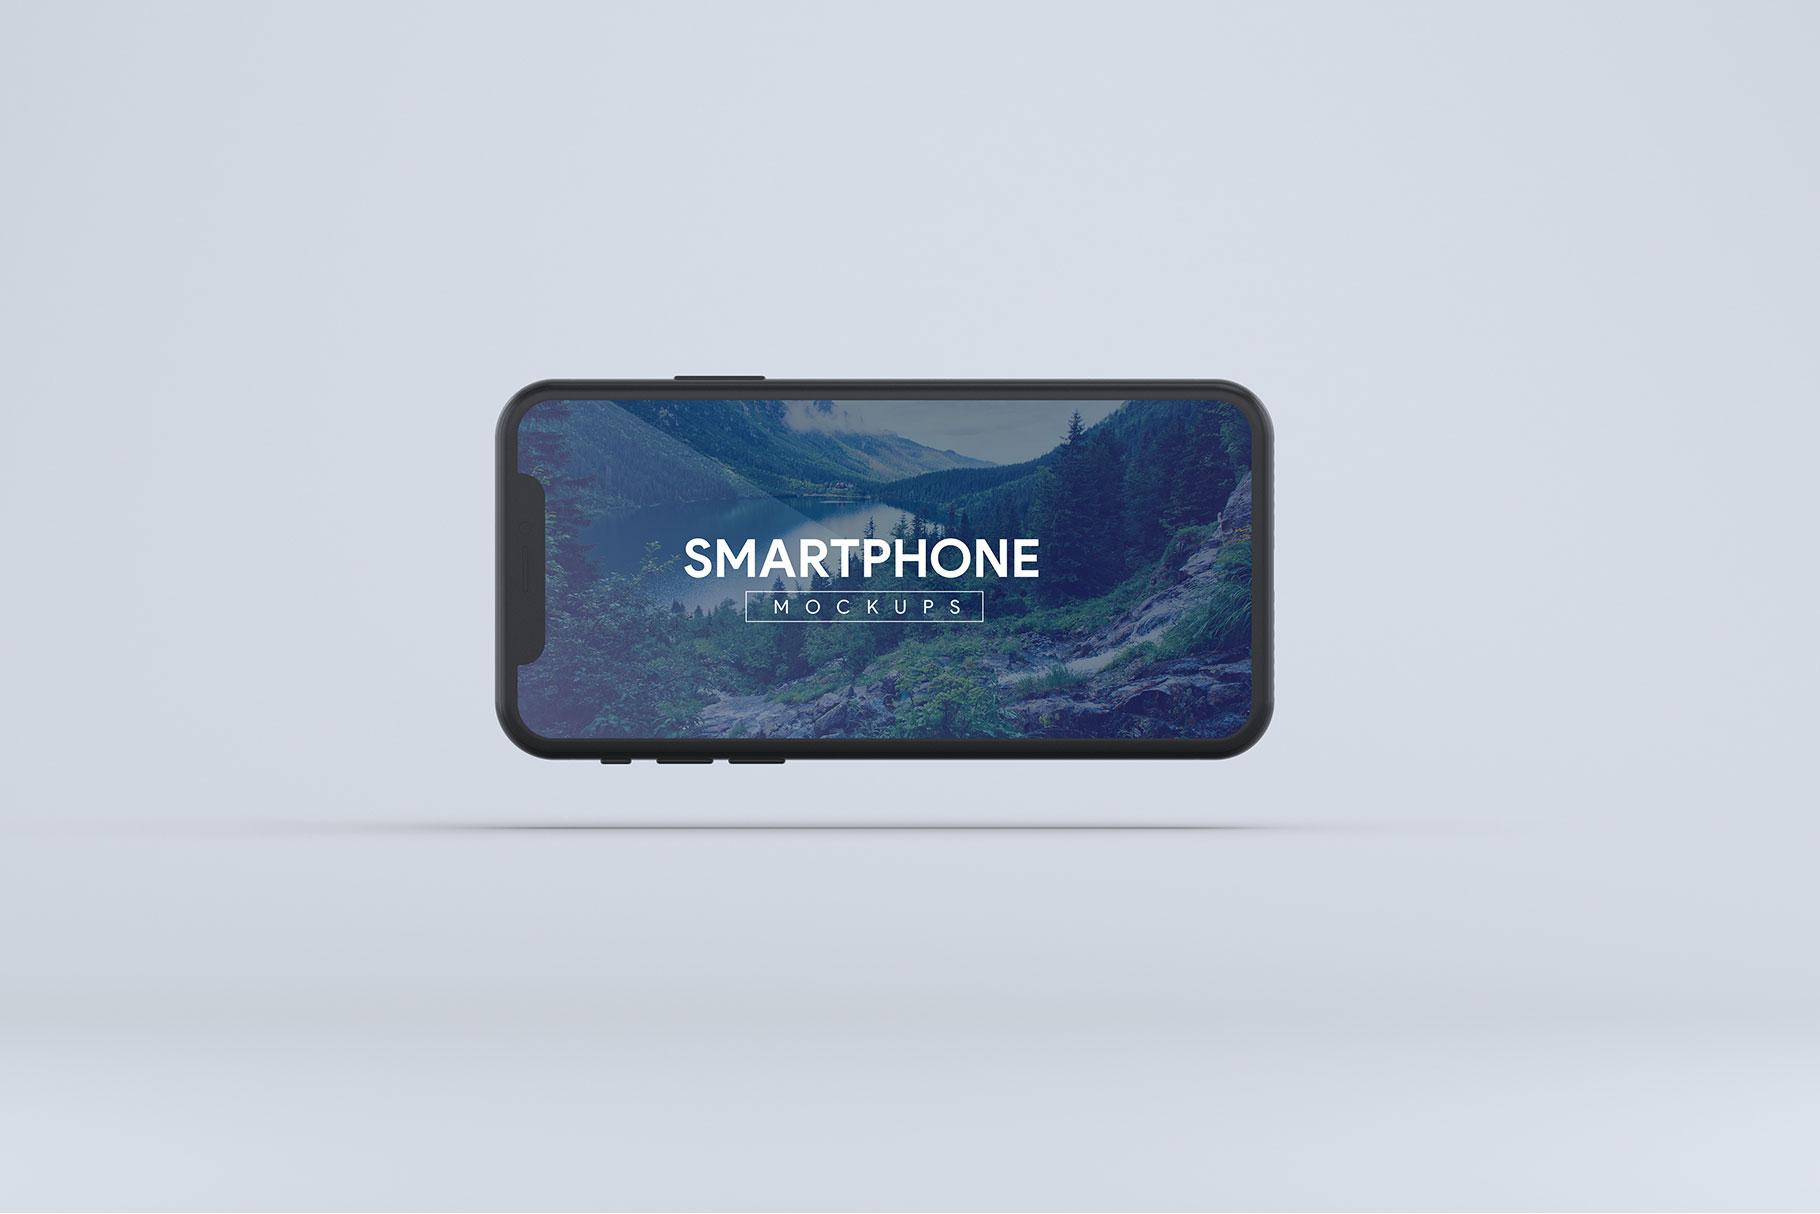 Smartphone Mock-Ups example image 6